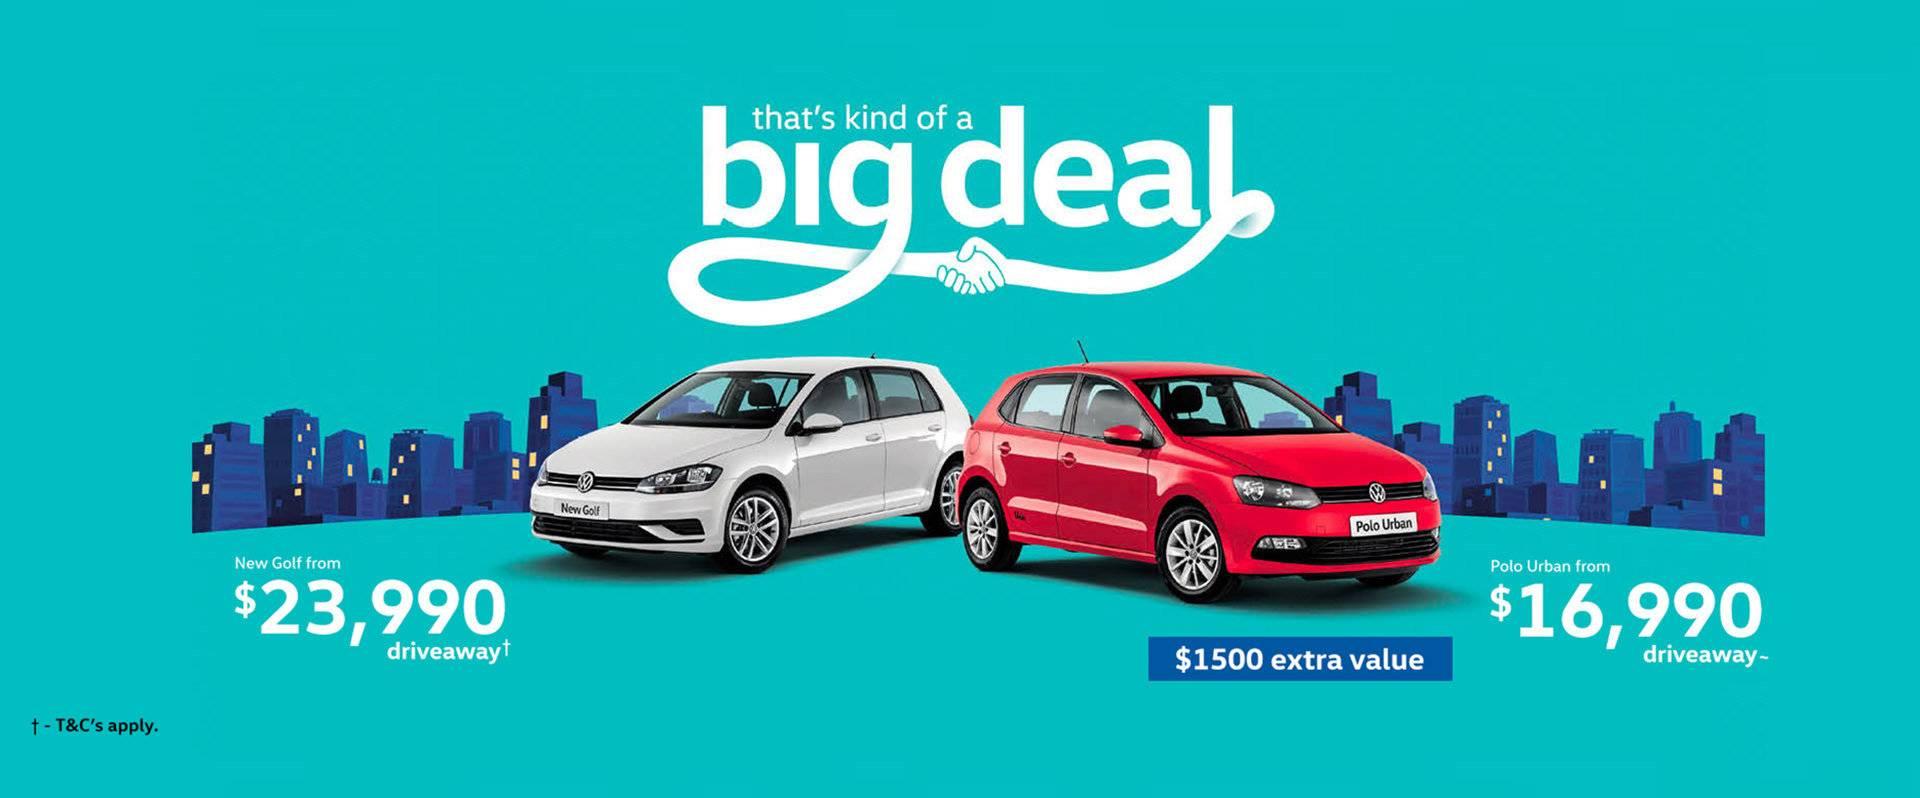 Volkswagen Offers